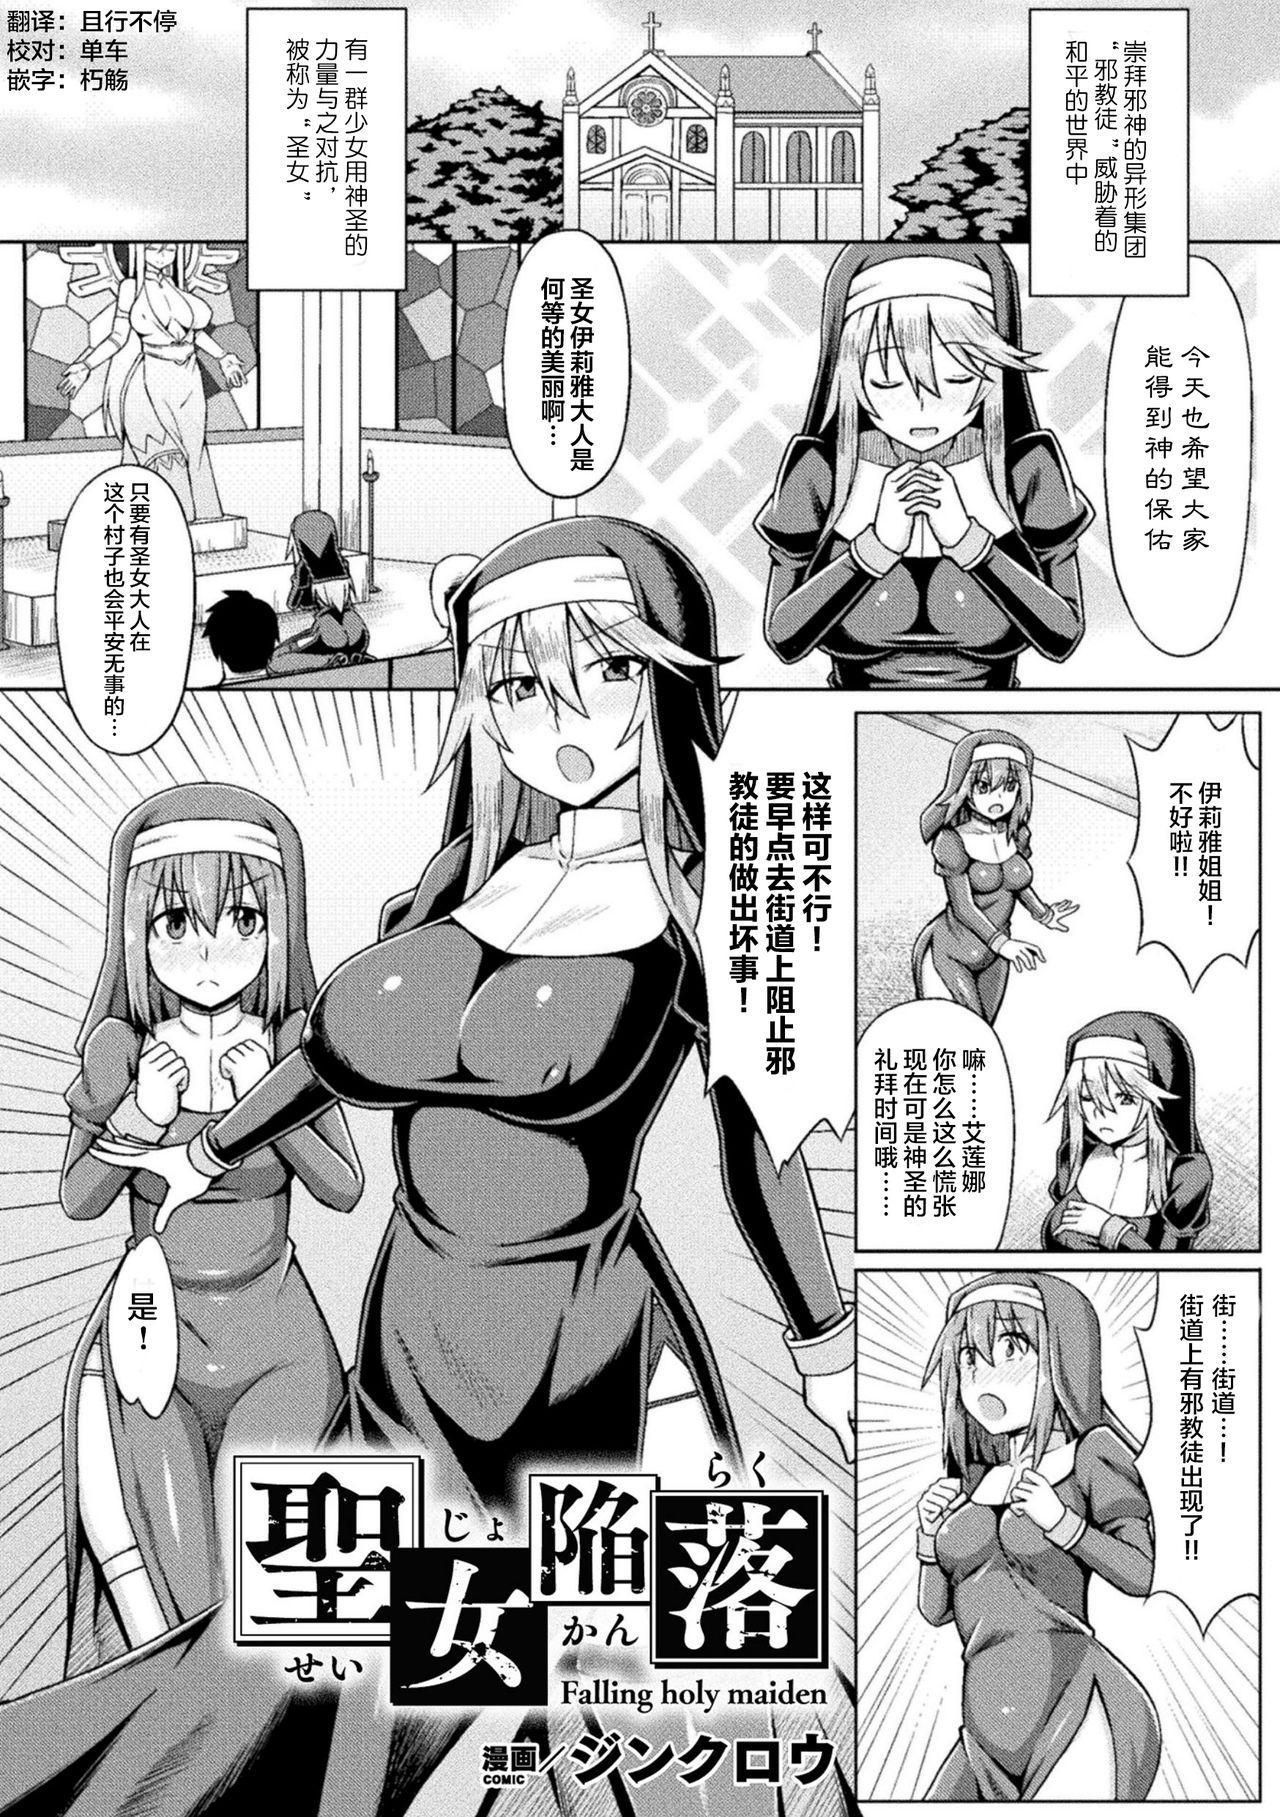 Seijo Kanraku - Falling holy maiden 0